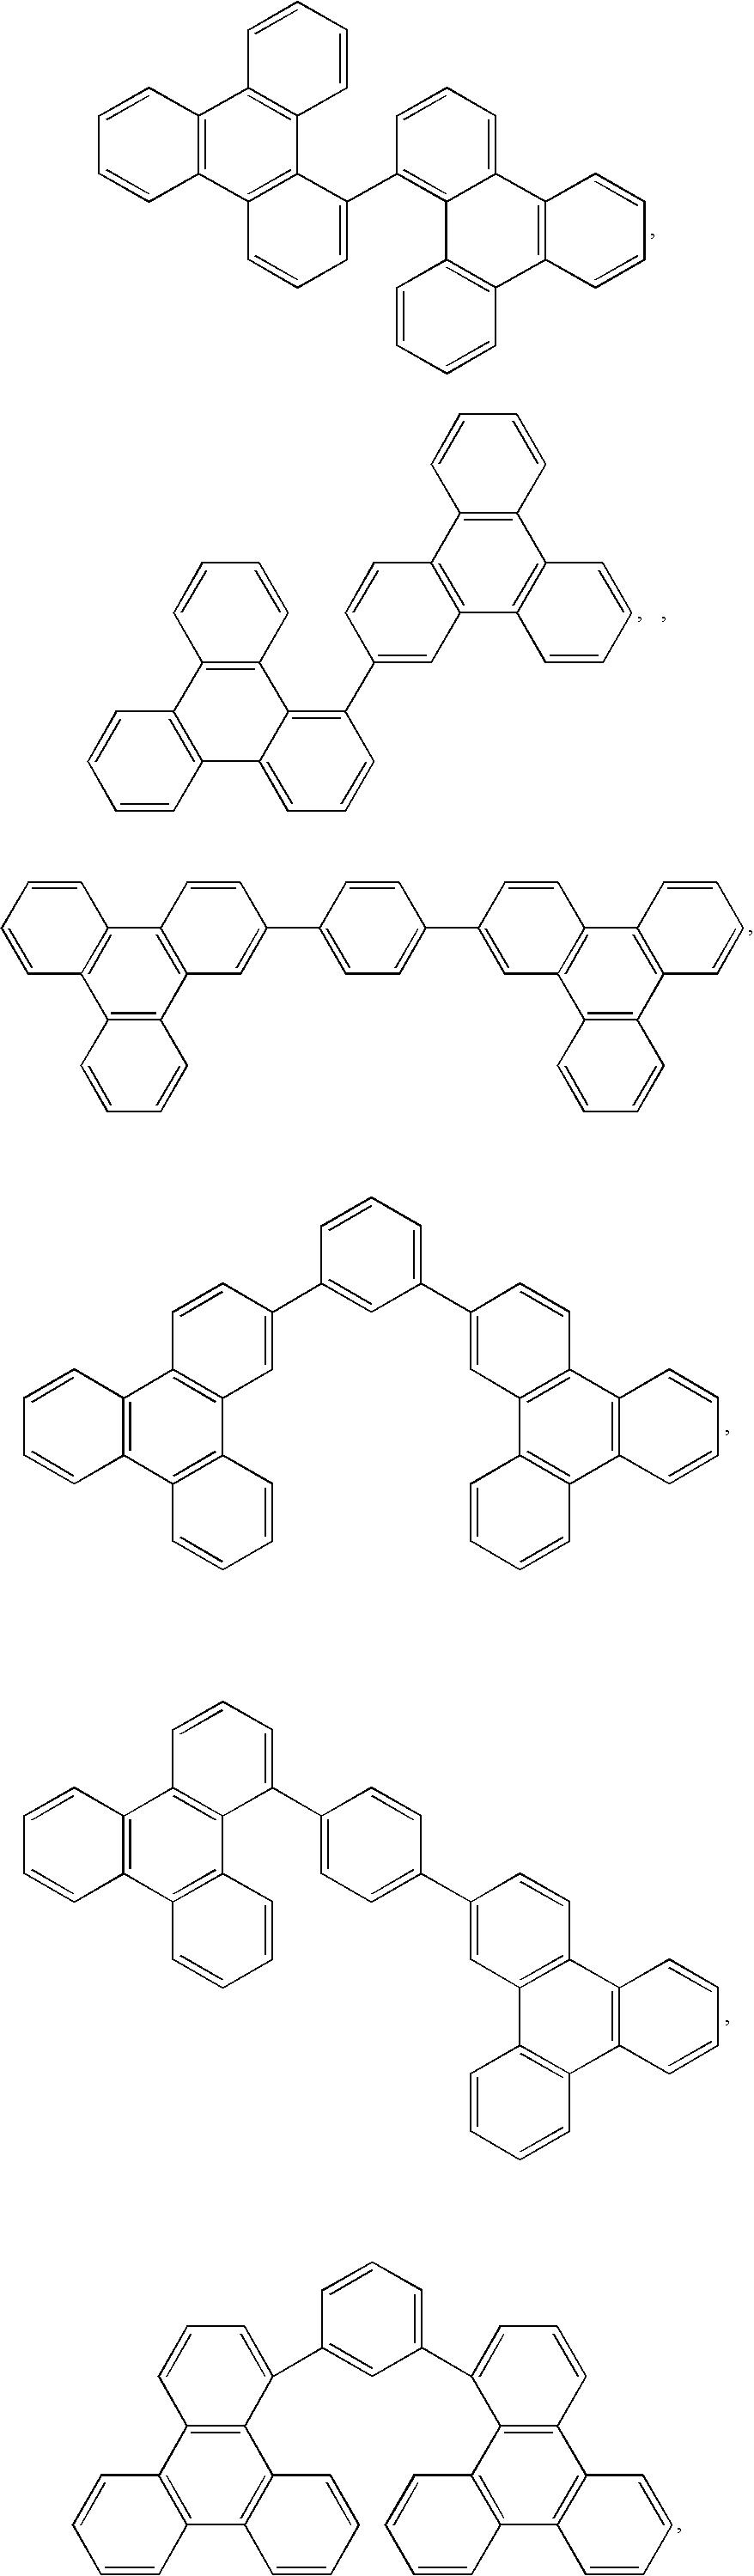 Figure US20060280965A1-20061214-C00063